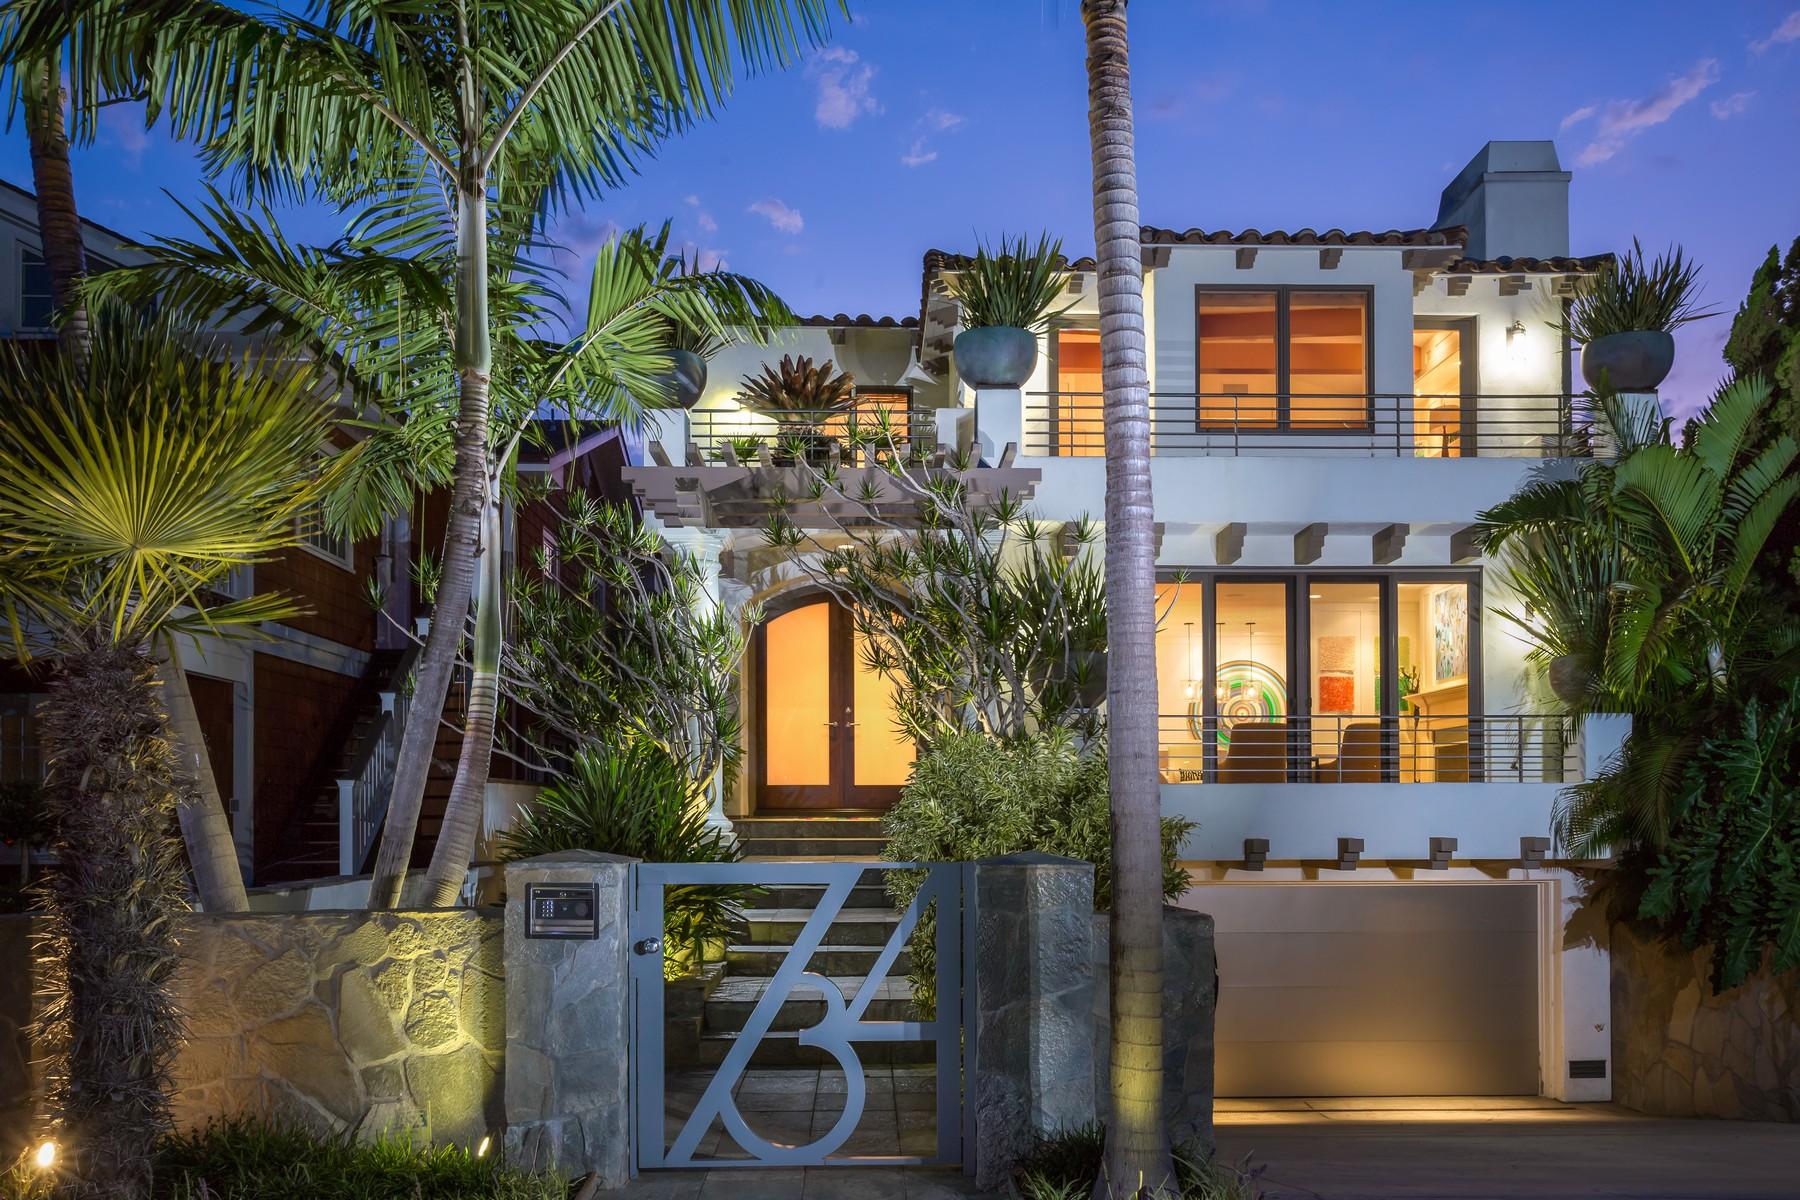 Casa Unifamiliar por un Venta en 734 Glorietta Boulevard Coronado, California 92118 Estados Unidos